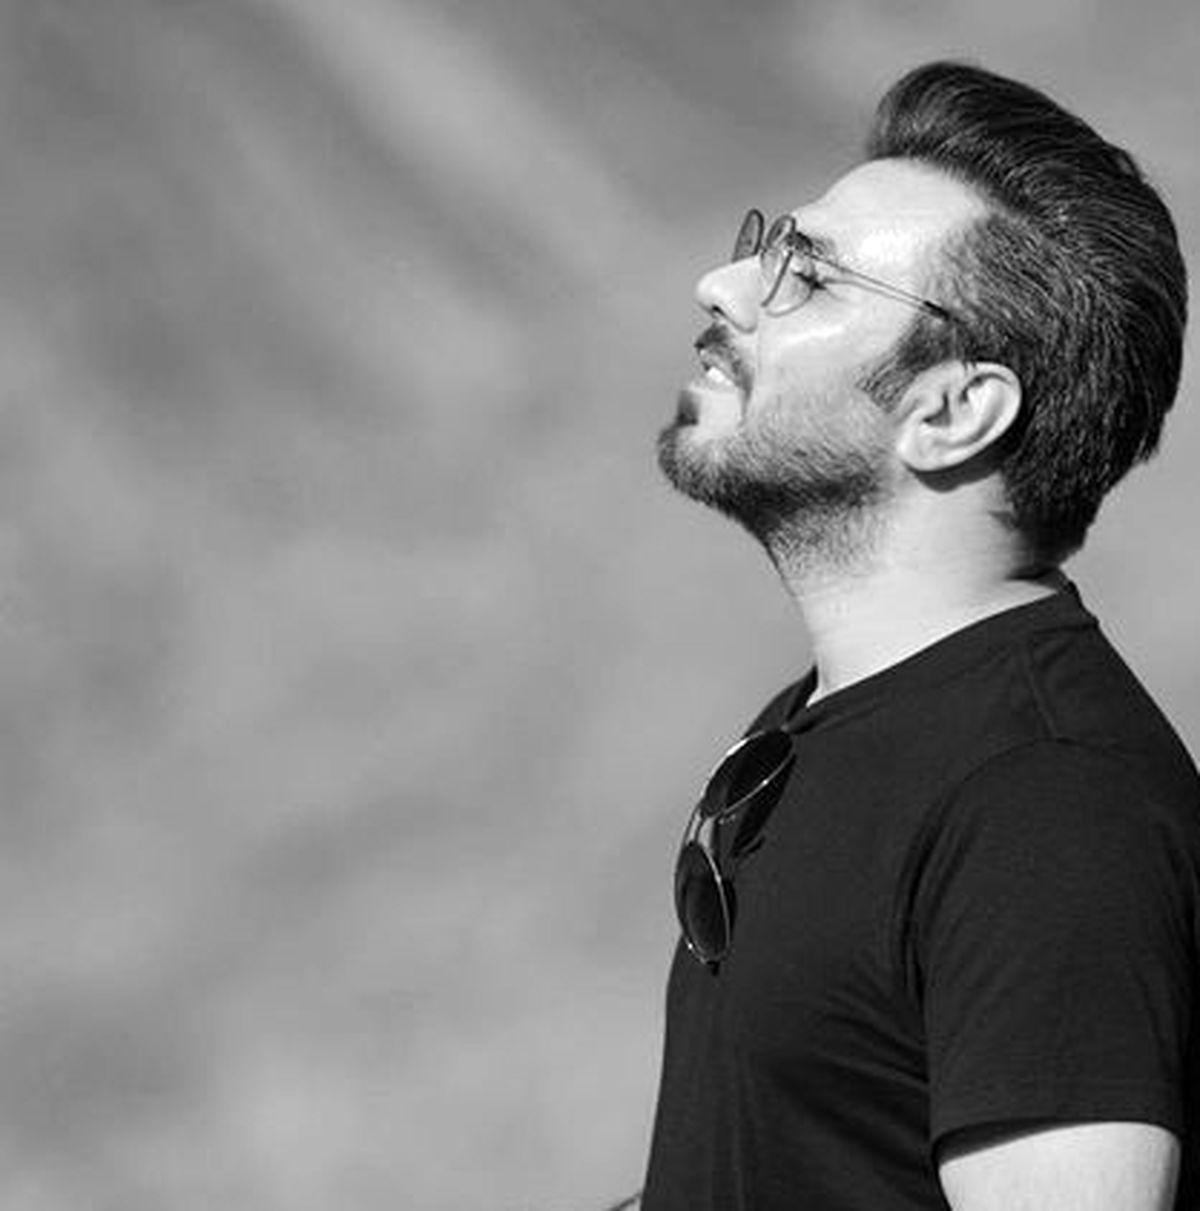 اهنگ گرشا رضایی / خواننده محبوب کشور قصد مهاجرت دارد؟